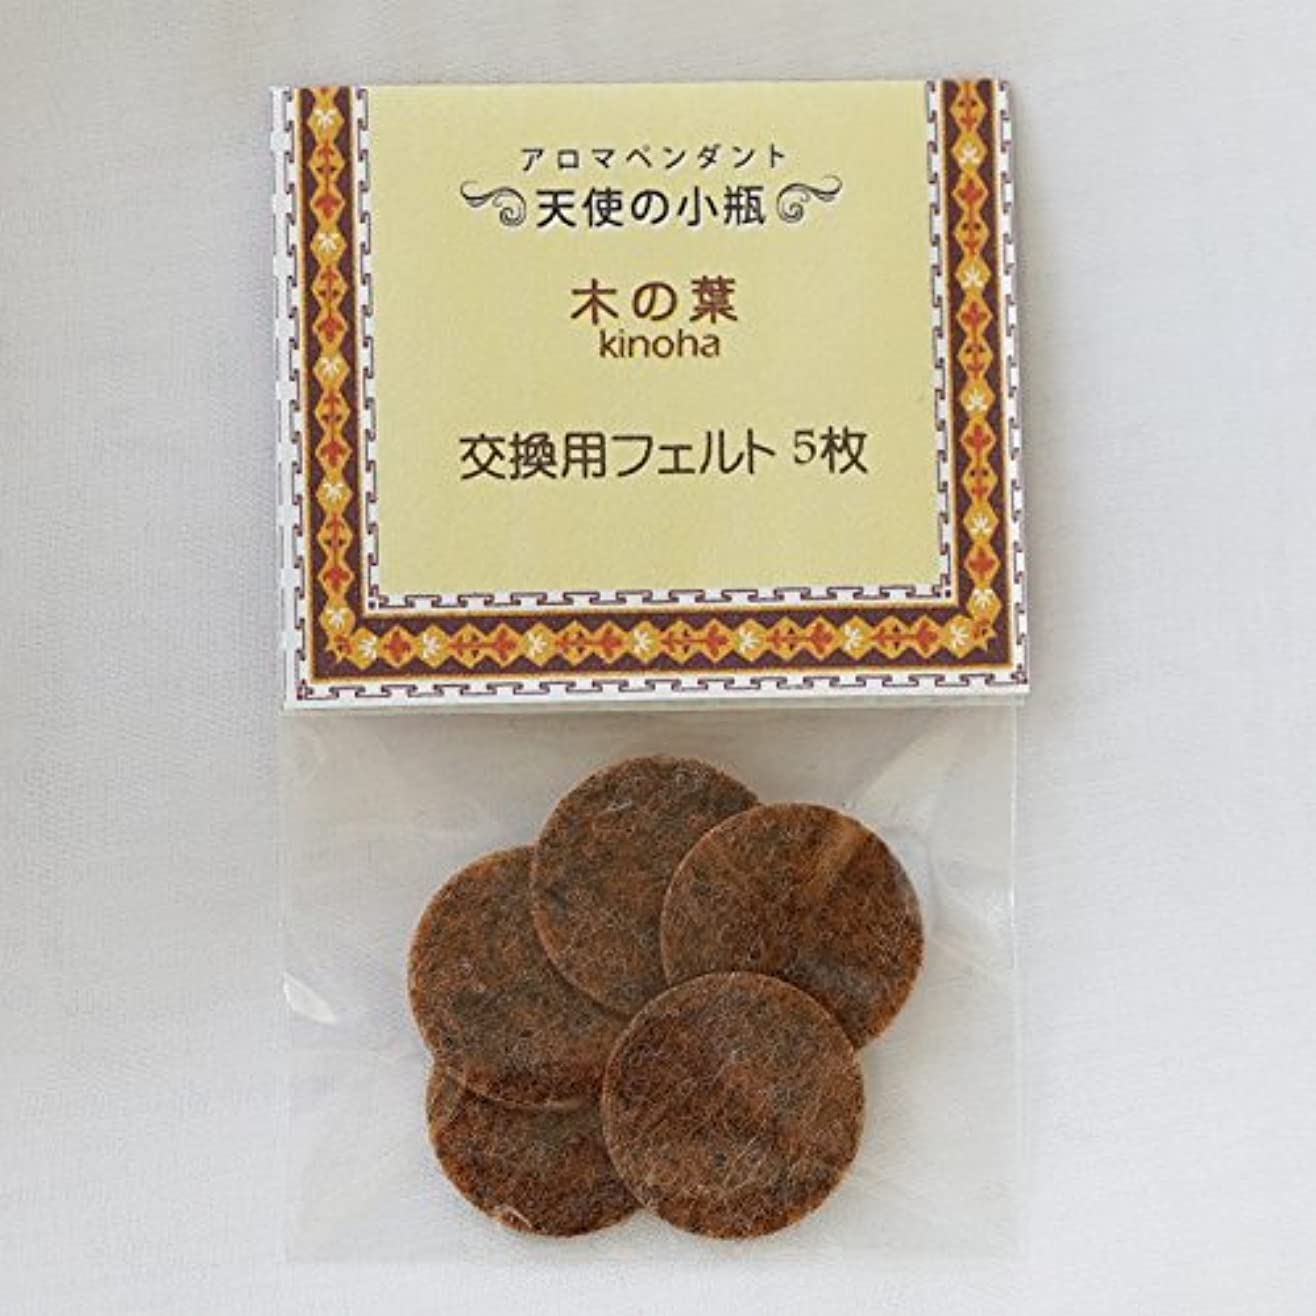 命令ドーム簿記係【天使の小瓶】 木の葉(ゴールド)交換用フェルト5枚